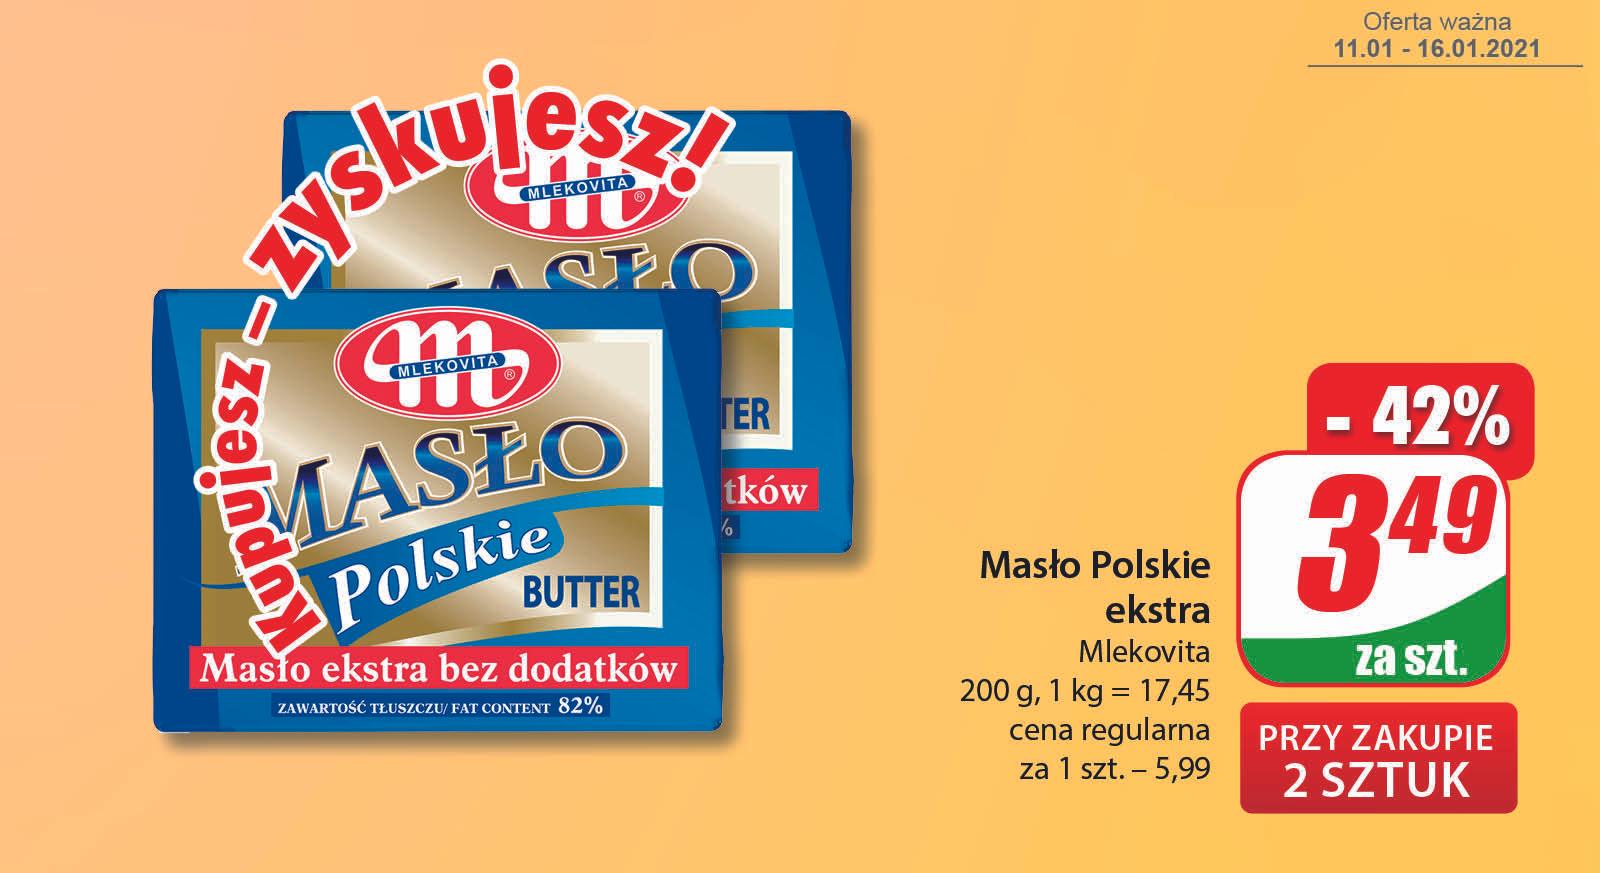 Masło Polskie Extra Mlekovita 200g (cena przy zakupie 2szt.) - DINO